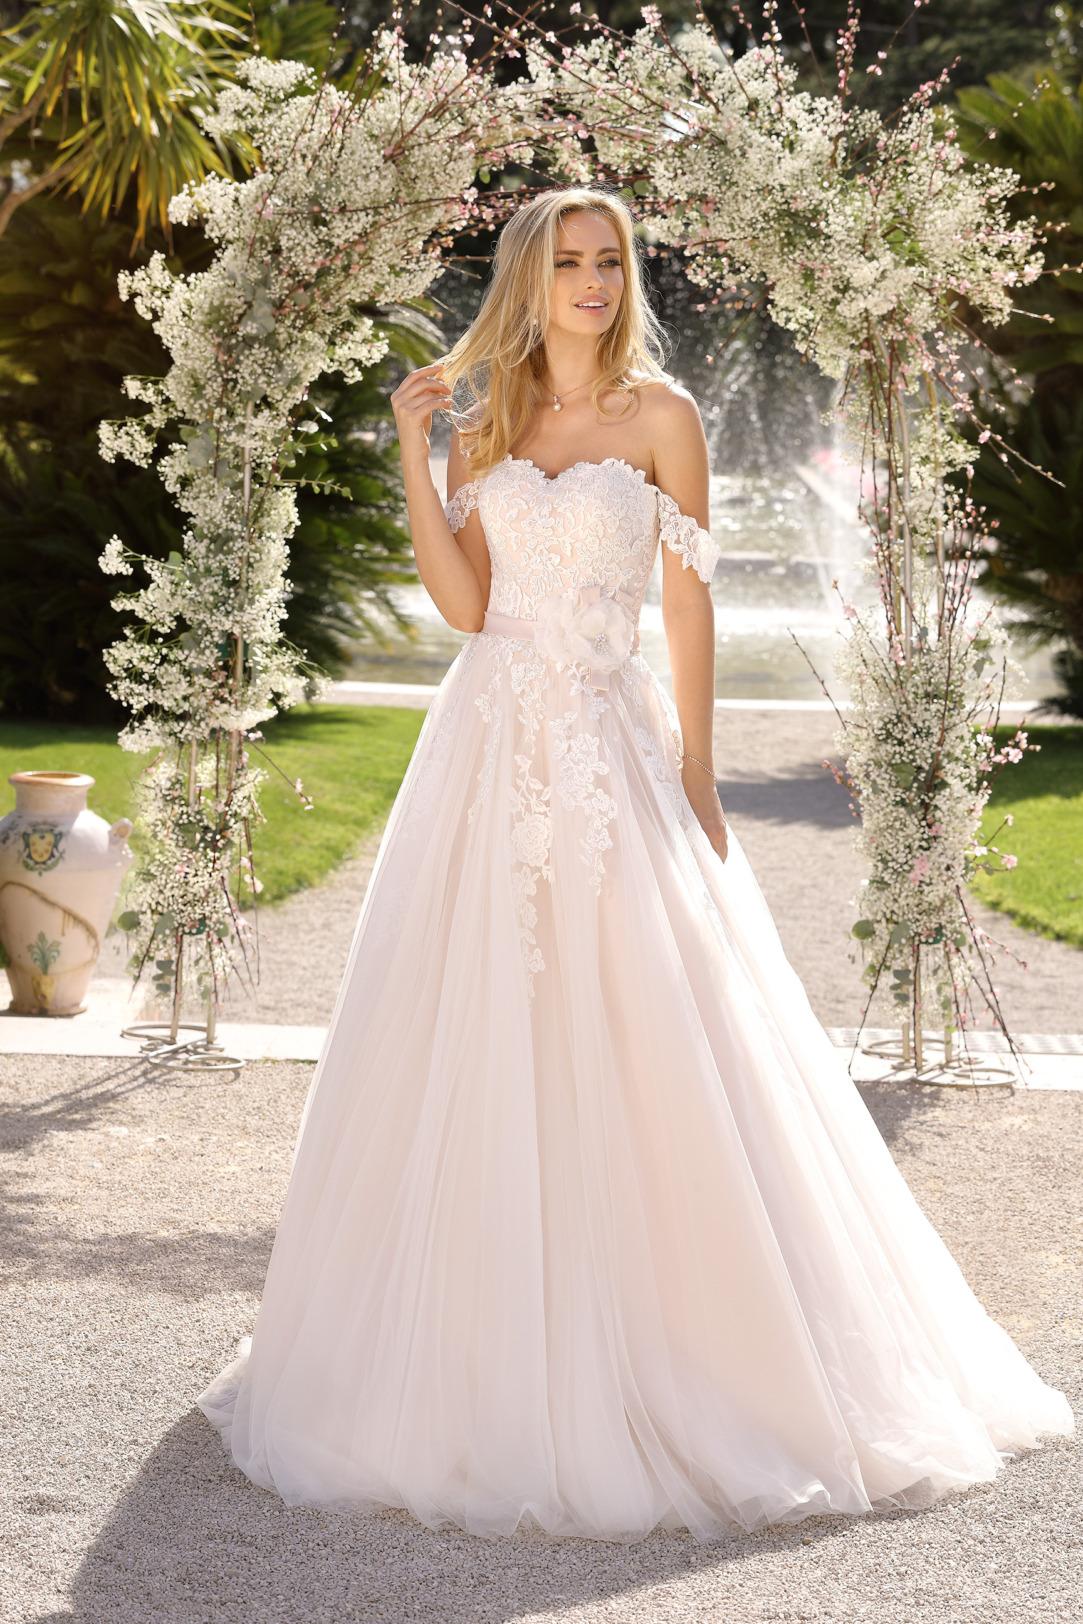 Brautkleider Hochzeitskleider in klassischer A Linie von Ladybird Modell 421028 mit feinsten Spitzen Applikationen am Oberteil Corsagenkleid mit off Shoulder Trägern